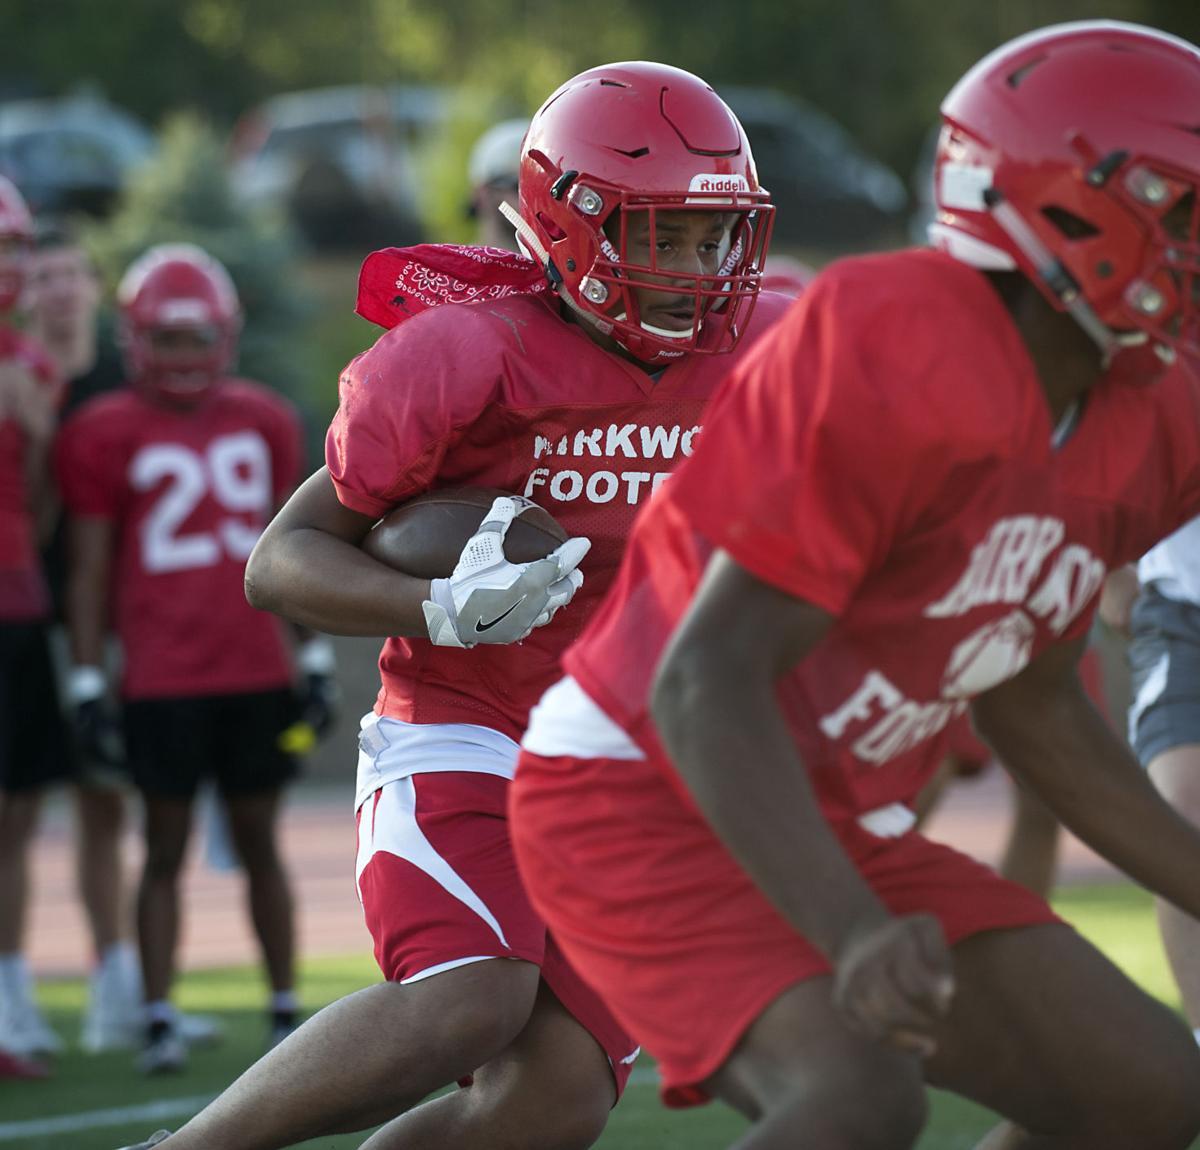 Kirkwood Football Practice